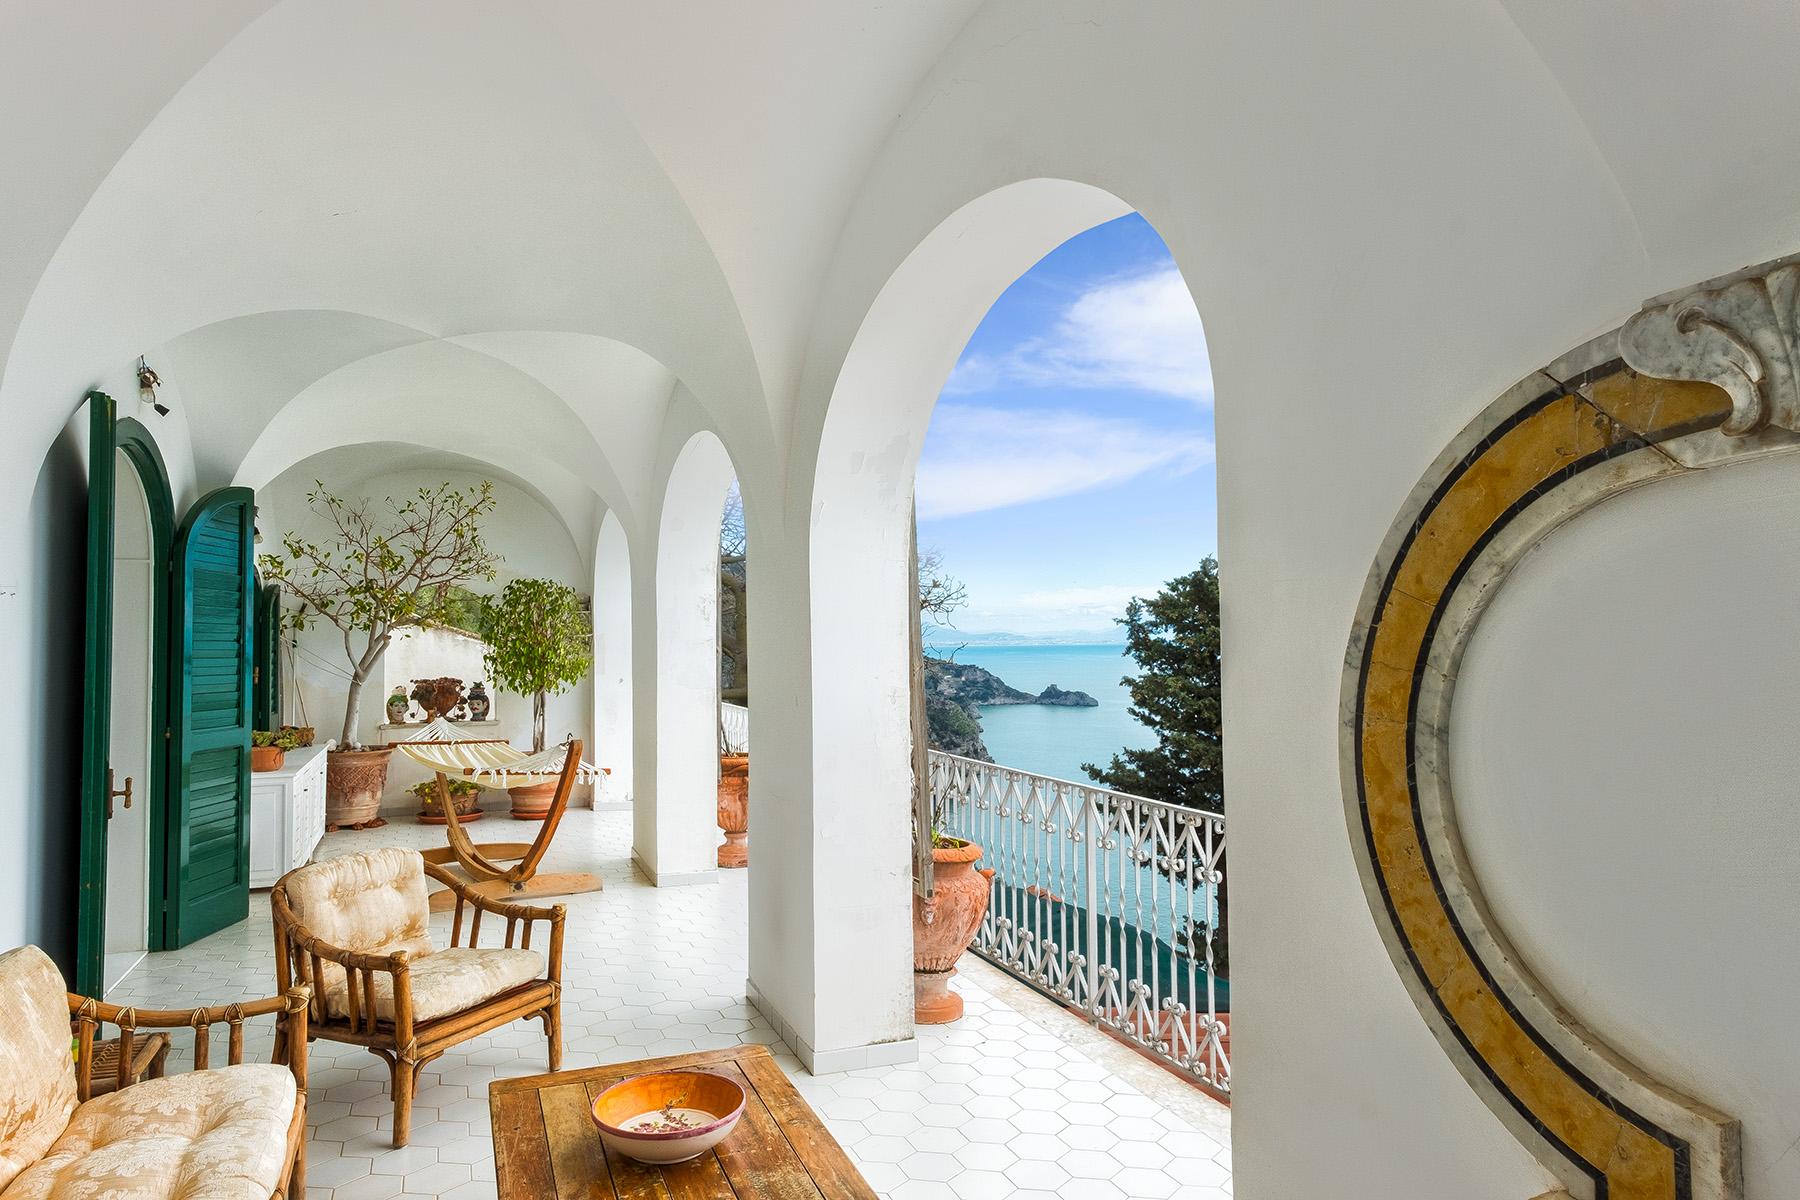 Casa indipendente in Vendita a Praiano via costantinopoli